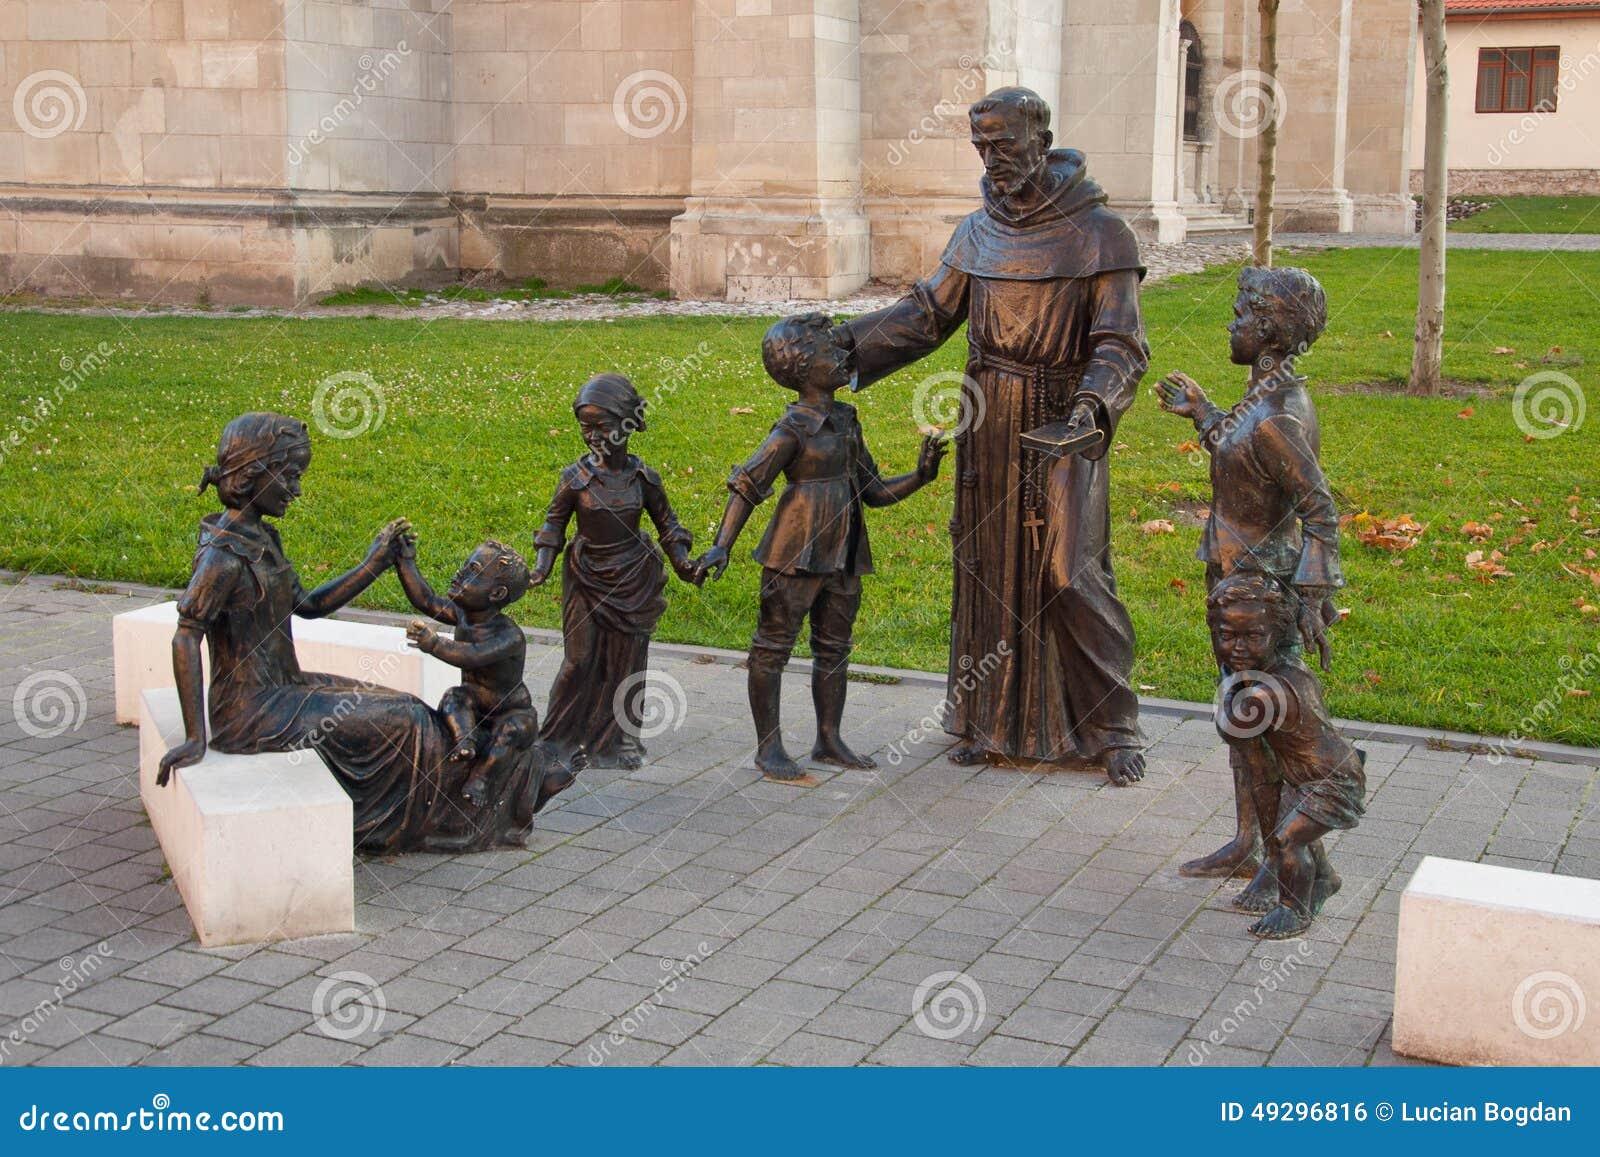 Sant Antonio statuary ensemble in Alba Iulia